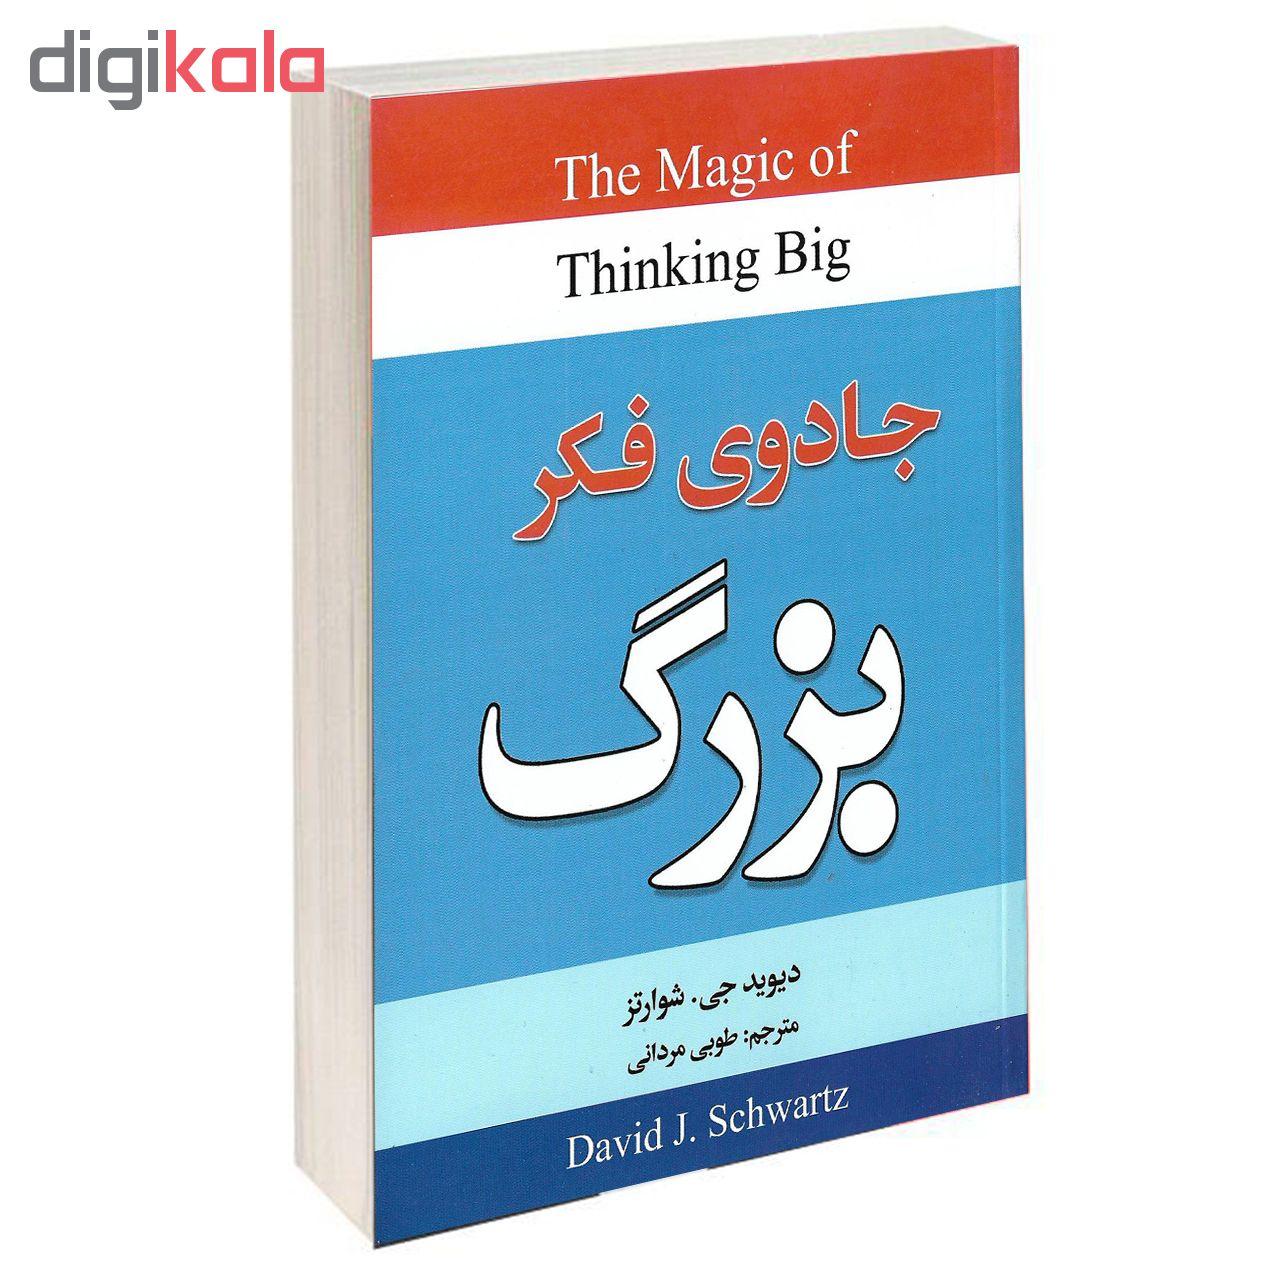 کتاب جادوی فکر بزرگ اثر دیوید جی . شوارتز نشر ریواس main 1 1